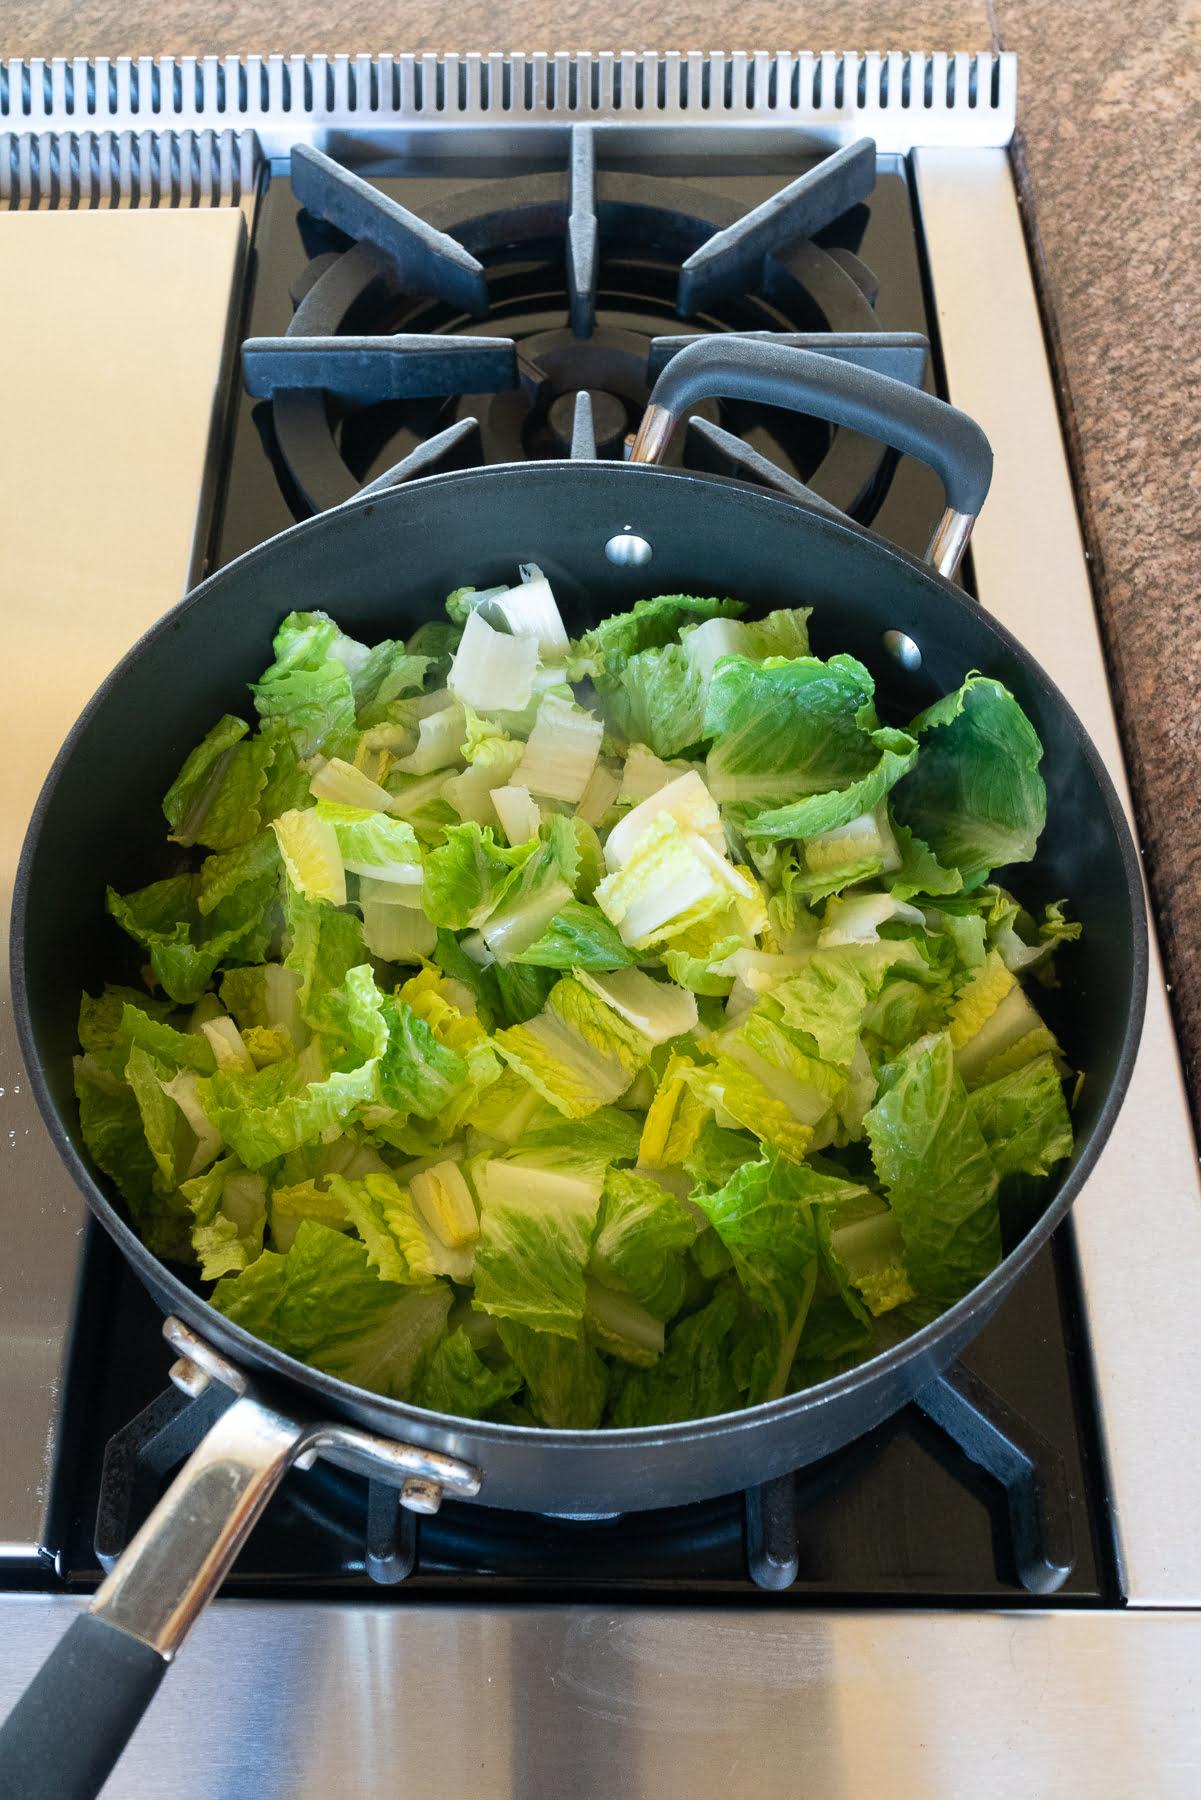 Sautéing lettuce in a pan.